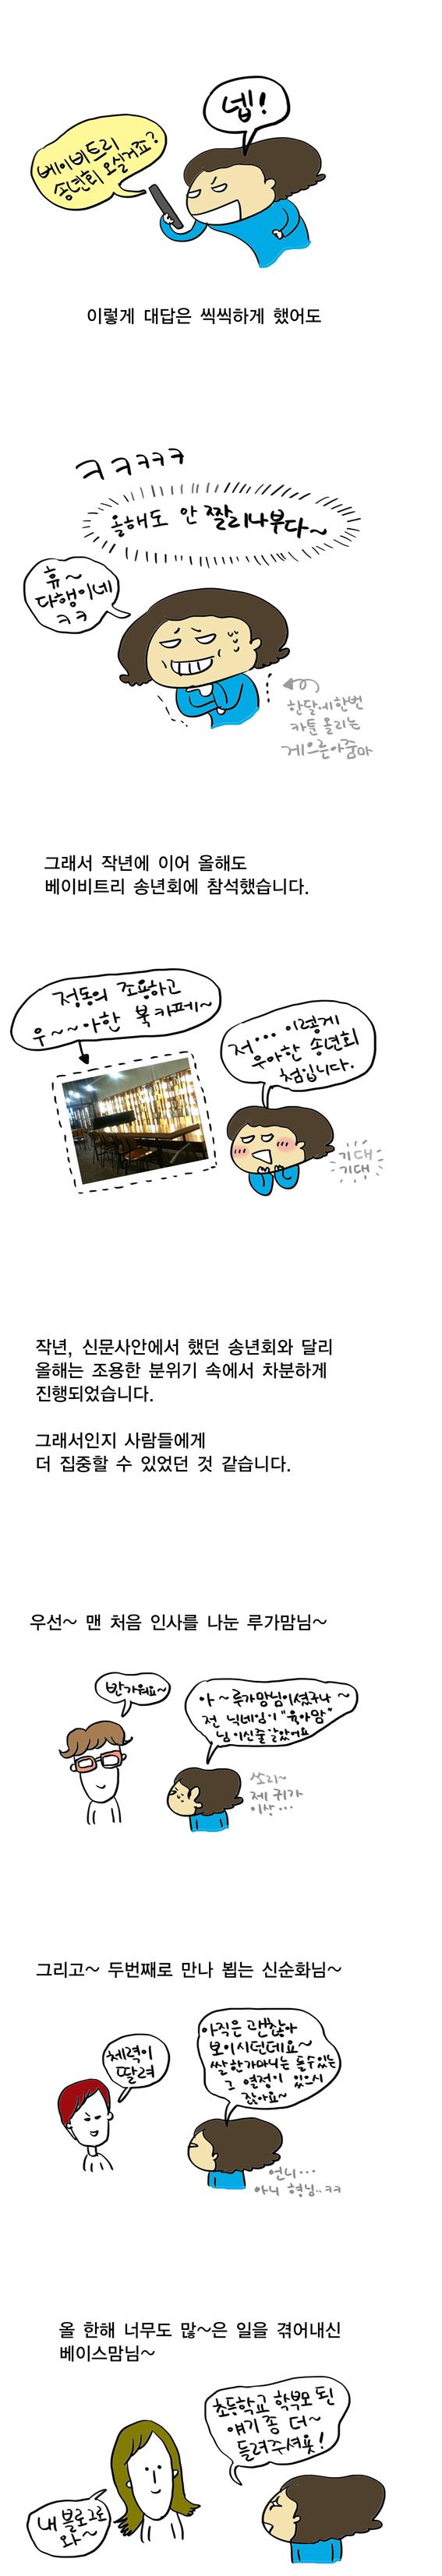 한겨레베이비트리송년회후기1.jpg